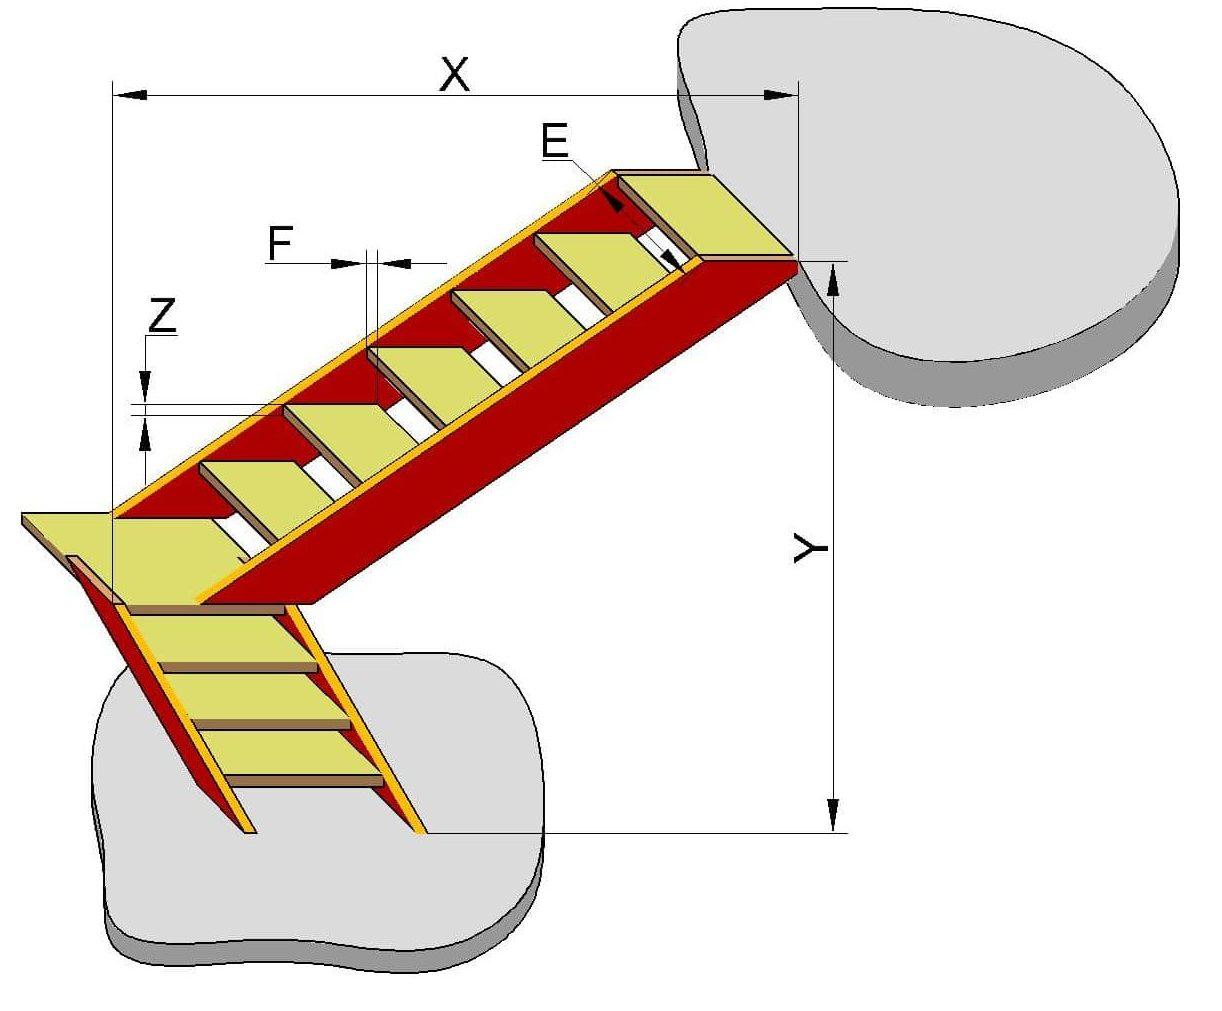 Чертеж лестницы с поворотом на 90 градусов и прямой площадкой